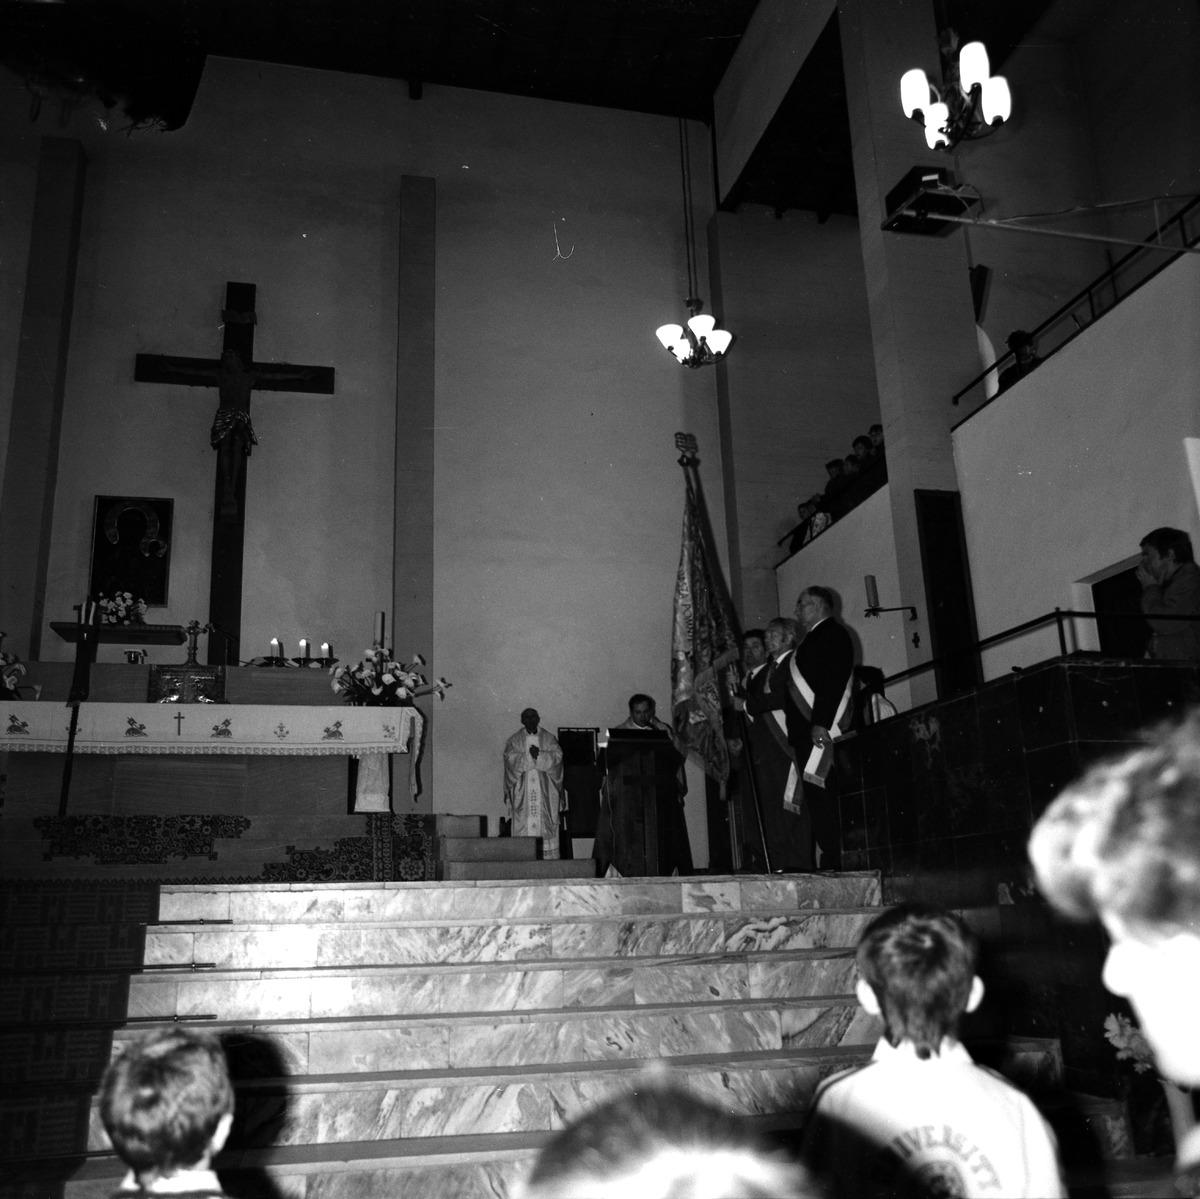 Poświęcenie sztandaru Cechu Rzemiosł Różnych, 1990 r. [5]